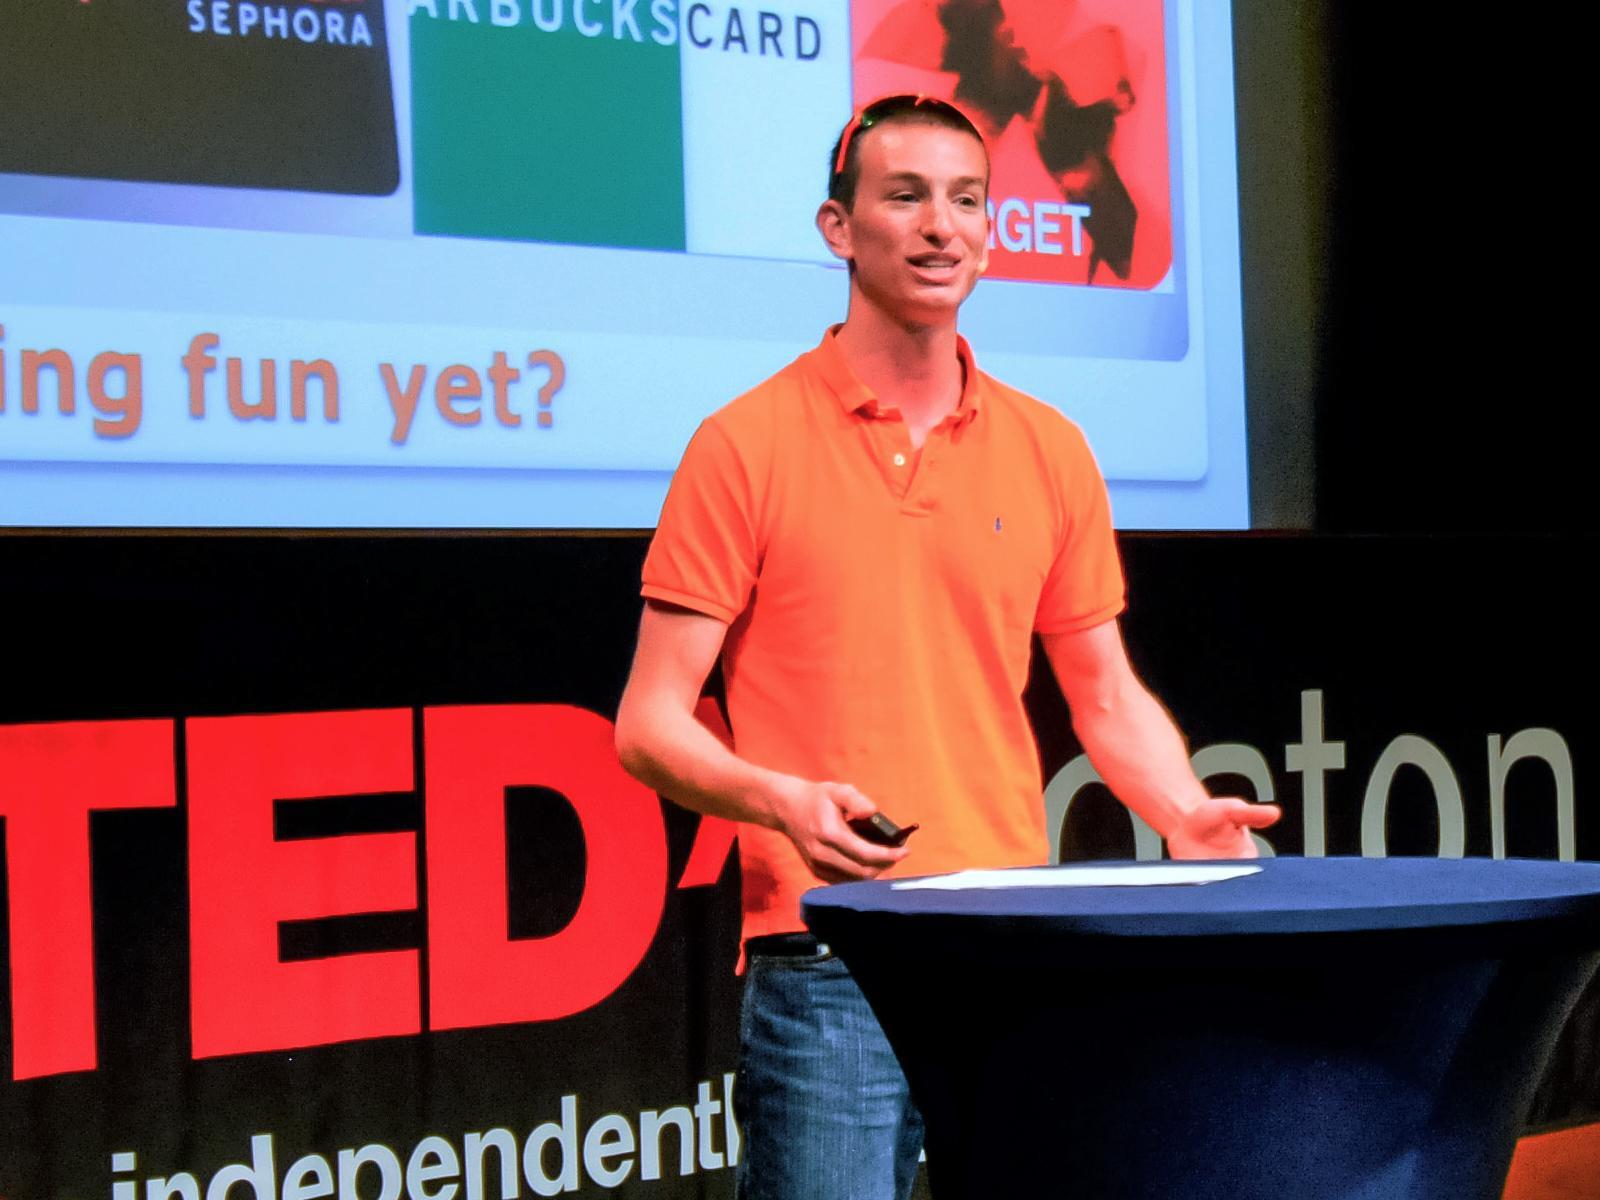 سخنرانی تد : لایه ی بازی در بالای دنیا